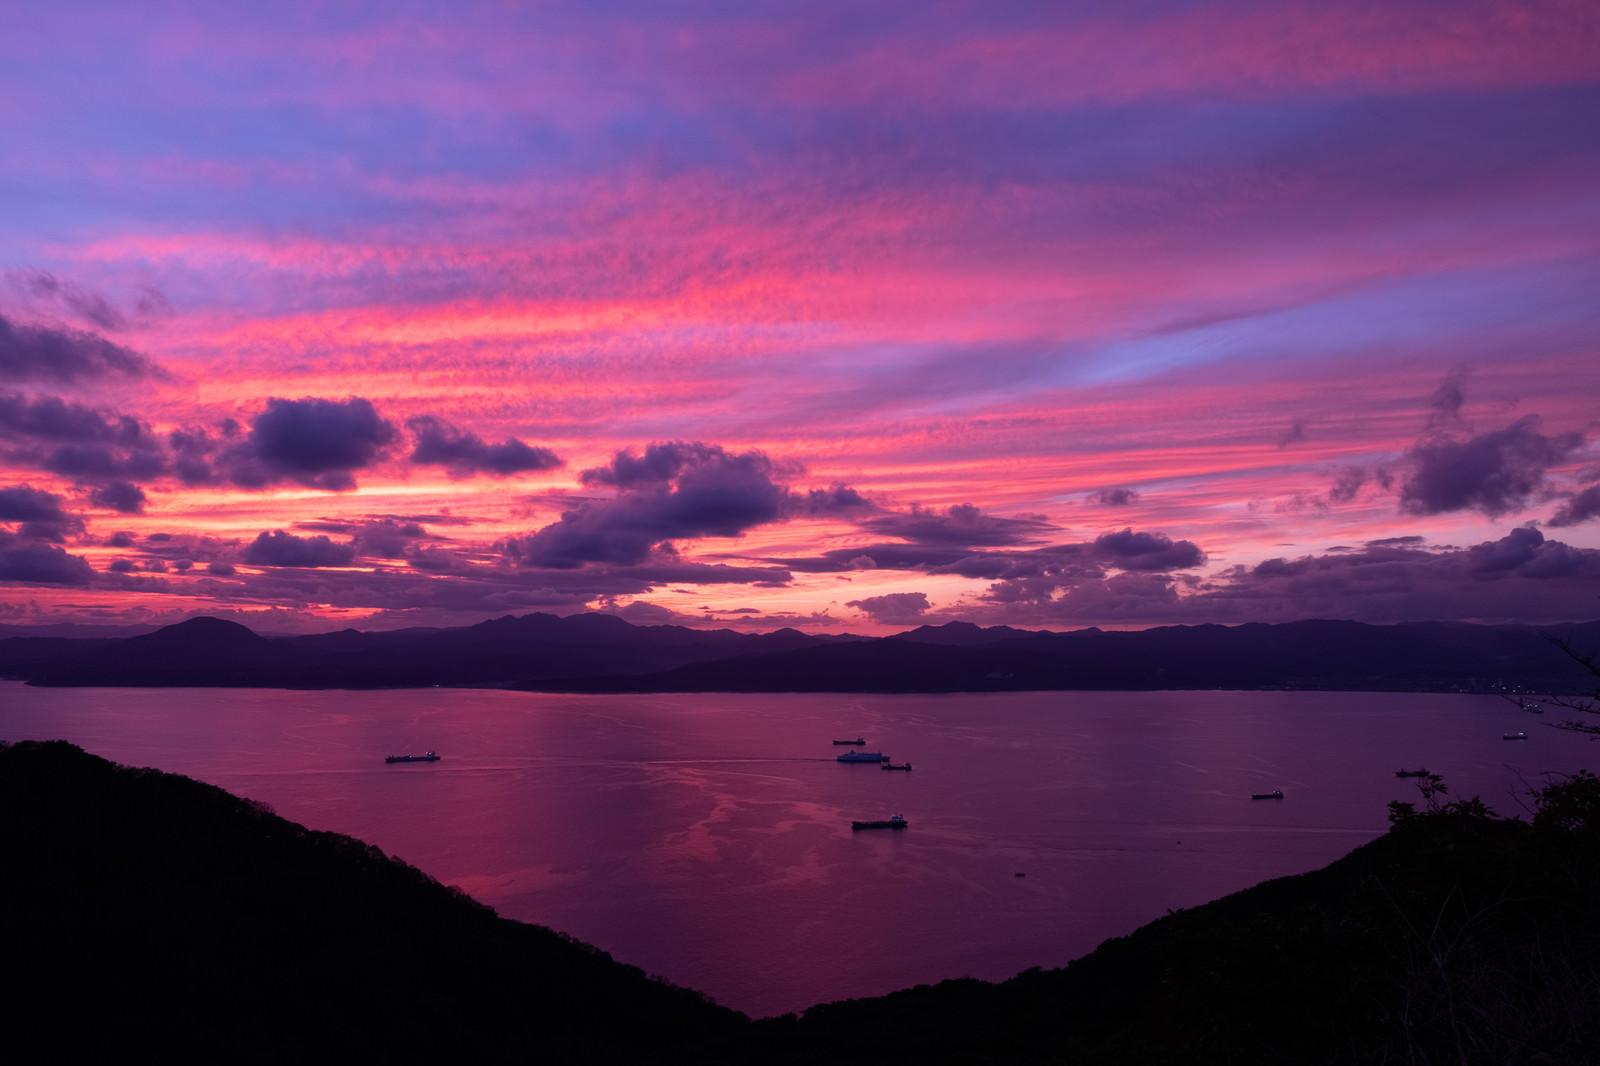 「紫の夕暮れと湖」の写真